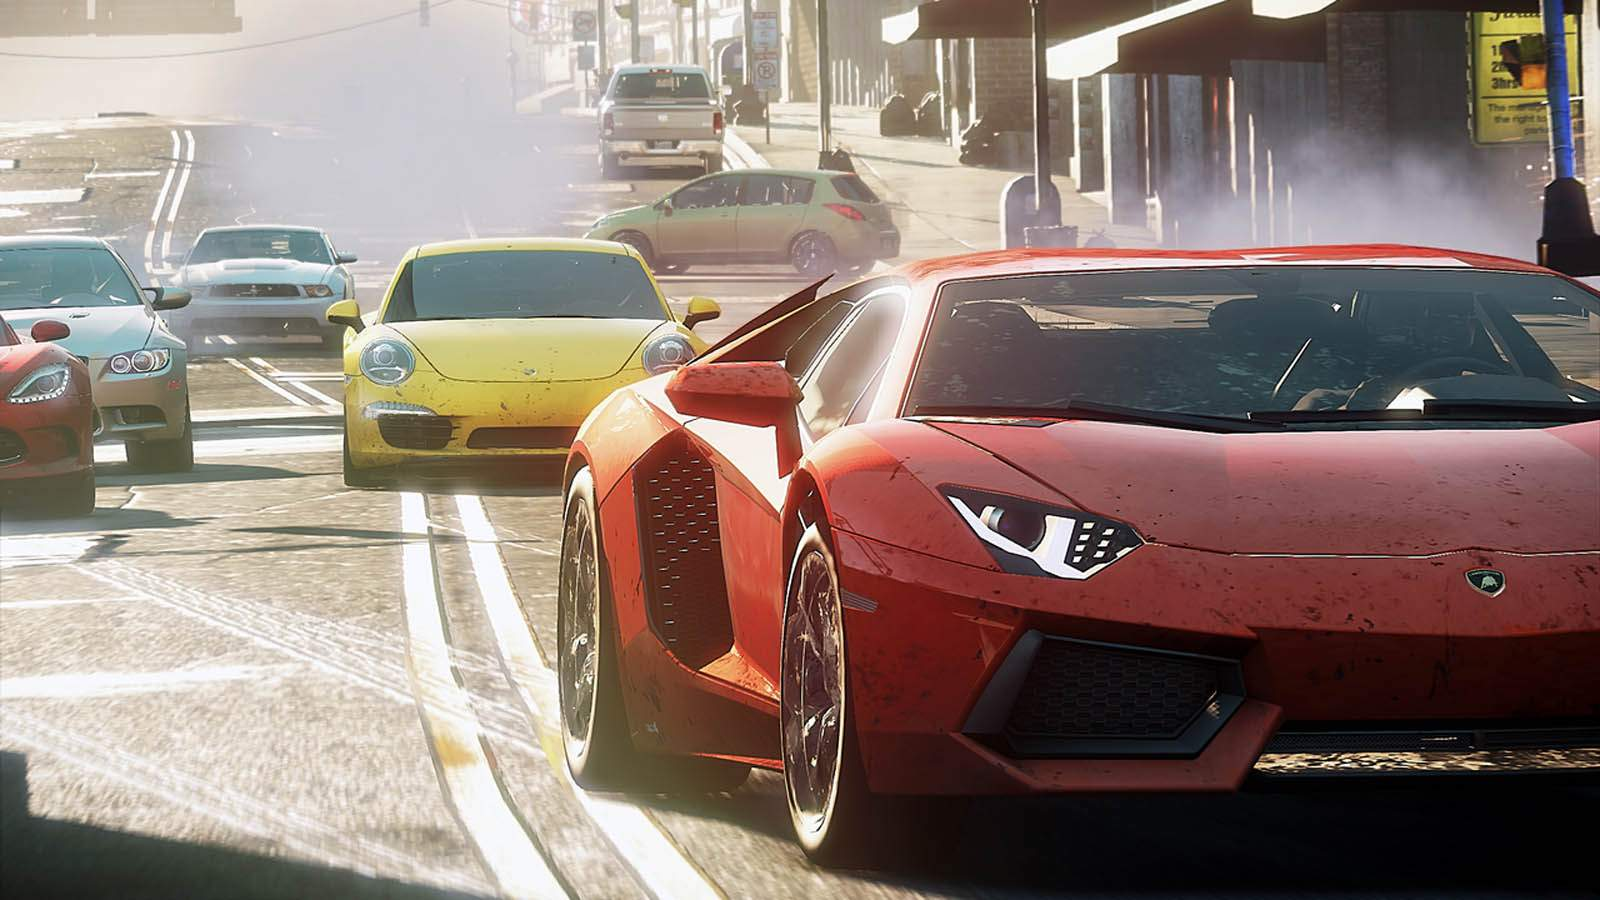 تحميل لعبة Need For Speed Most Wanted 2012 مضغوطة برابط واحد مباشر + تورنت كاملة مجانا